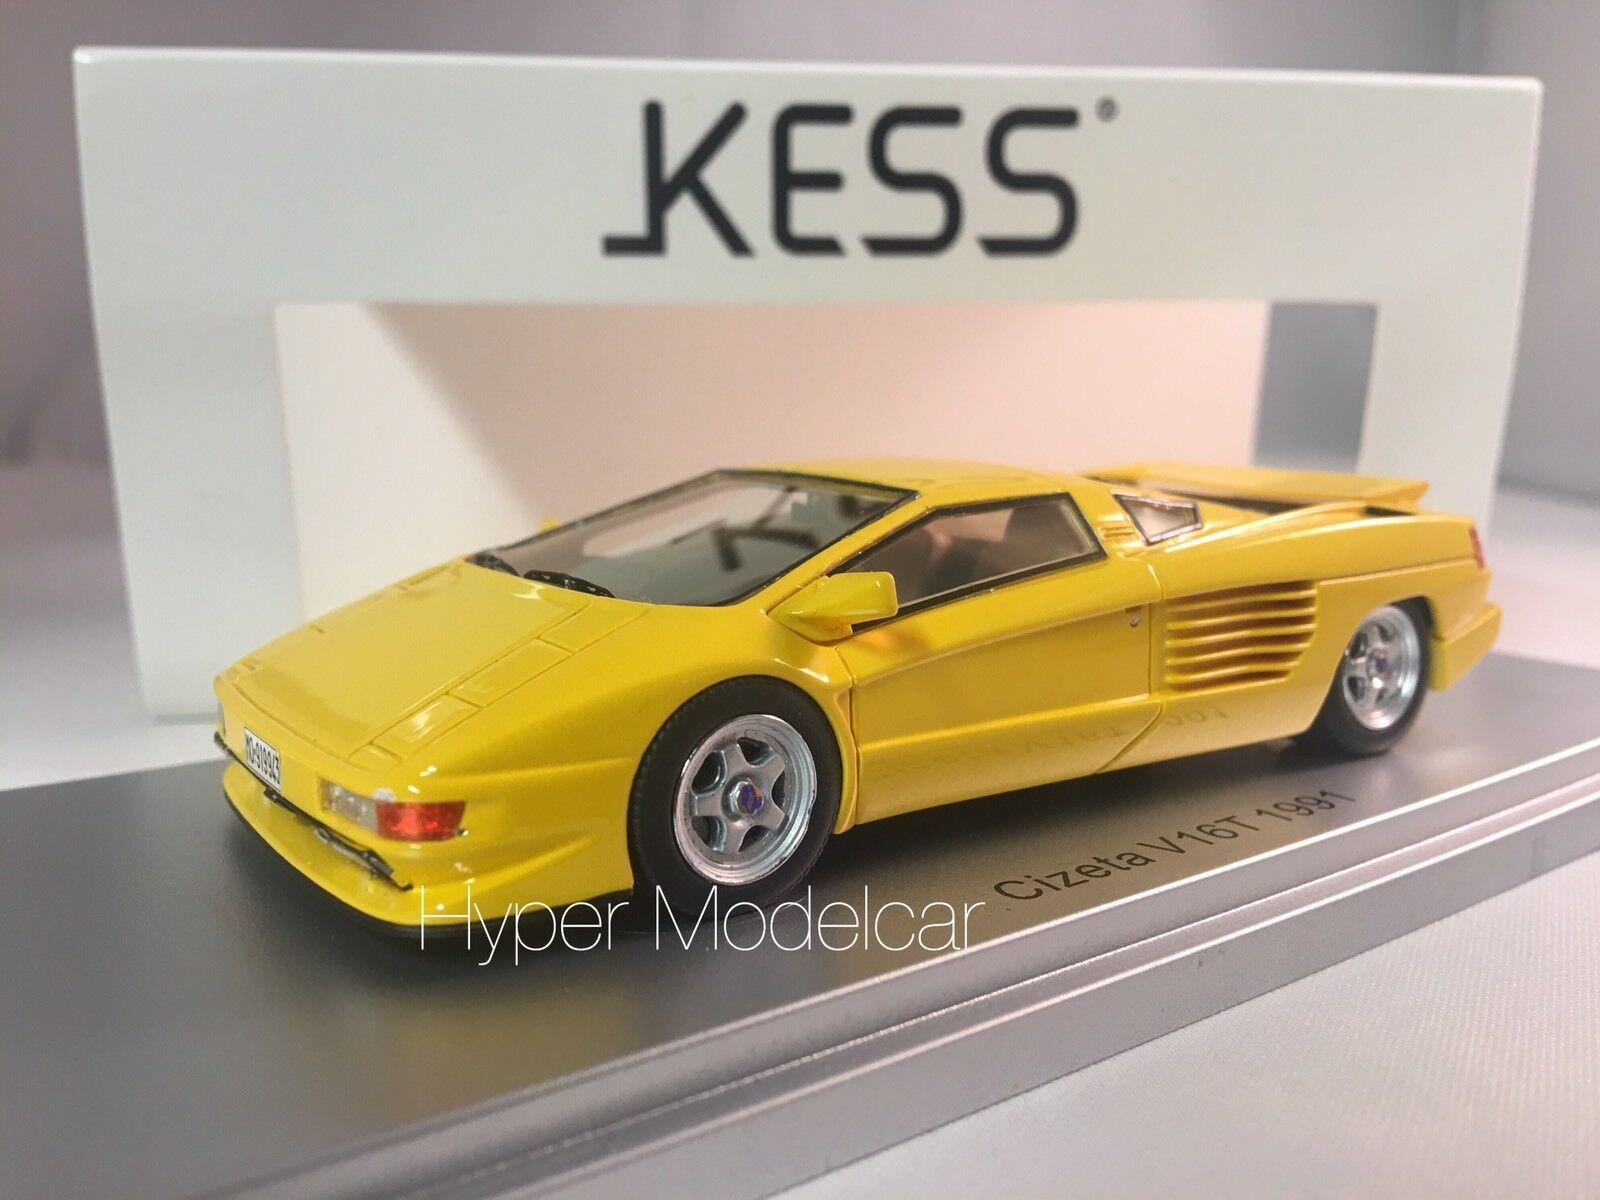 Kess modell 1   43 cizeta v16t 6,4 16cil 64v 1991 gelbe kunst.ke43048002